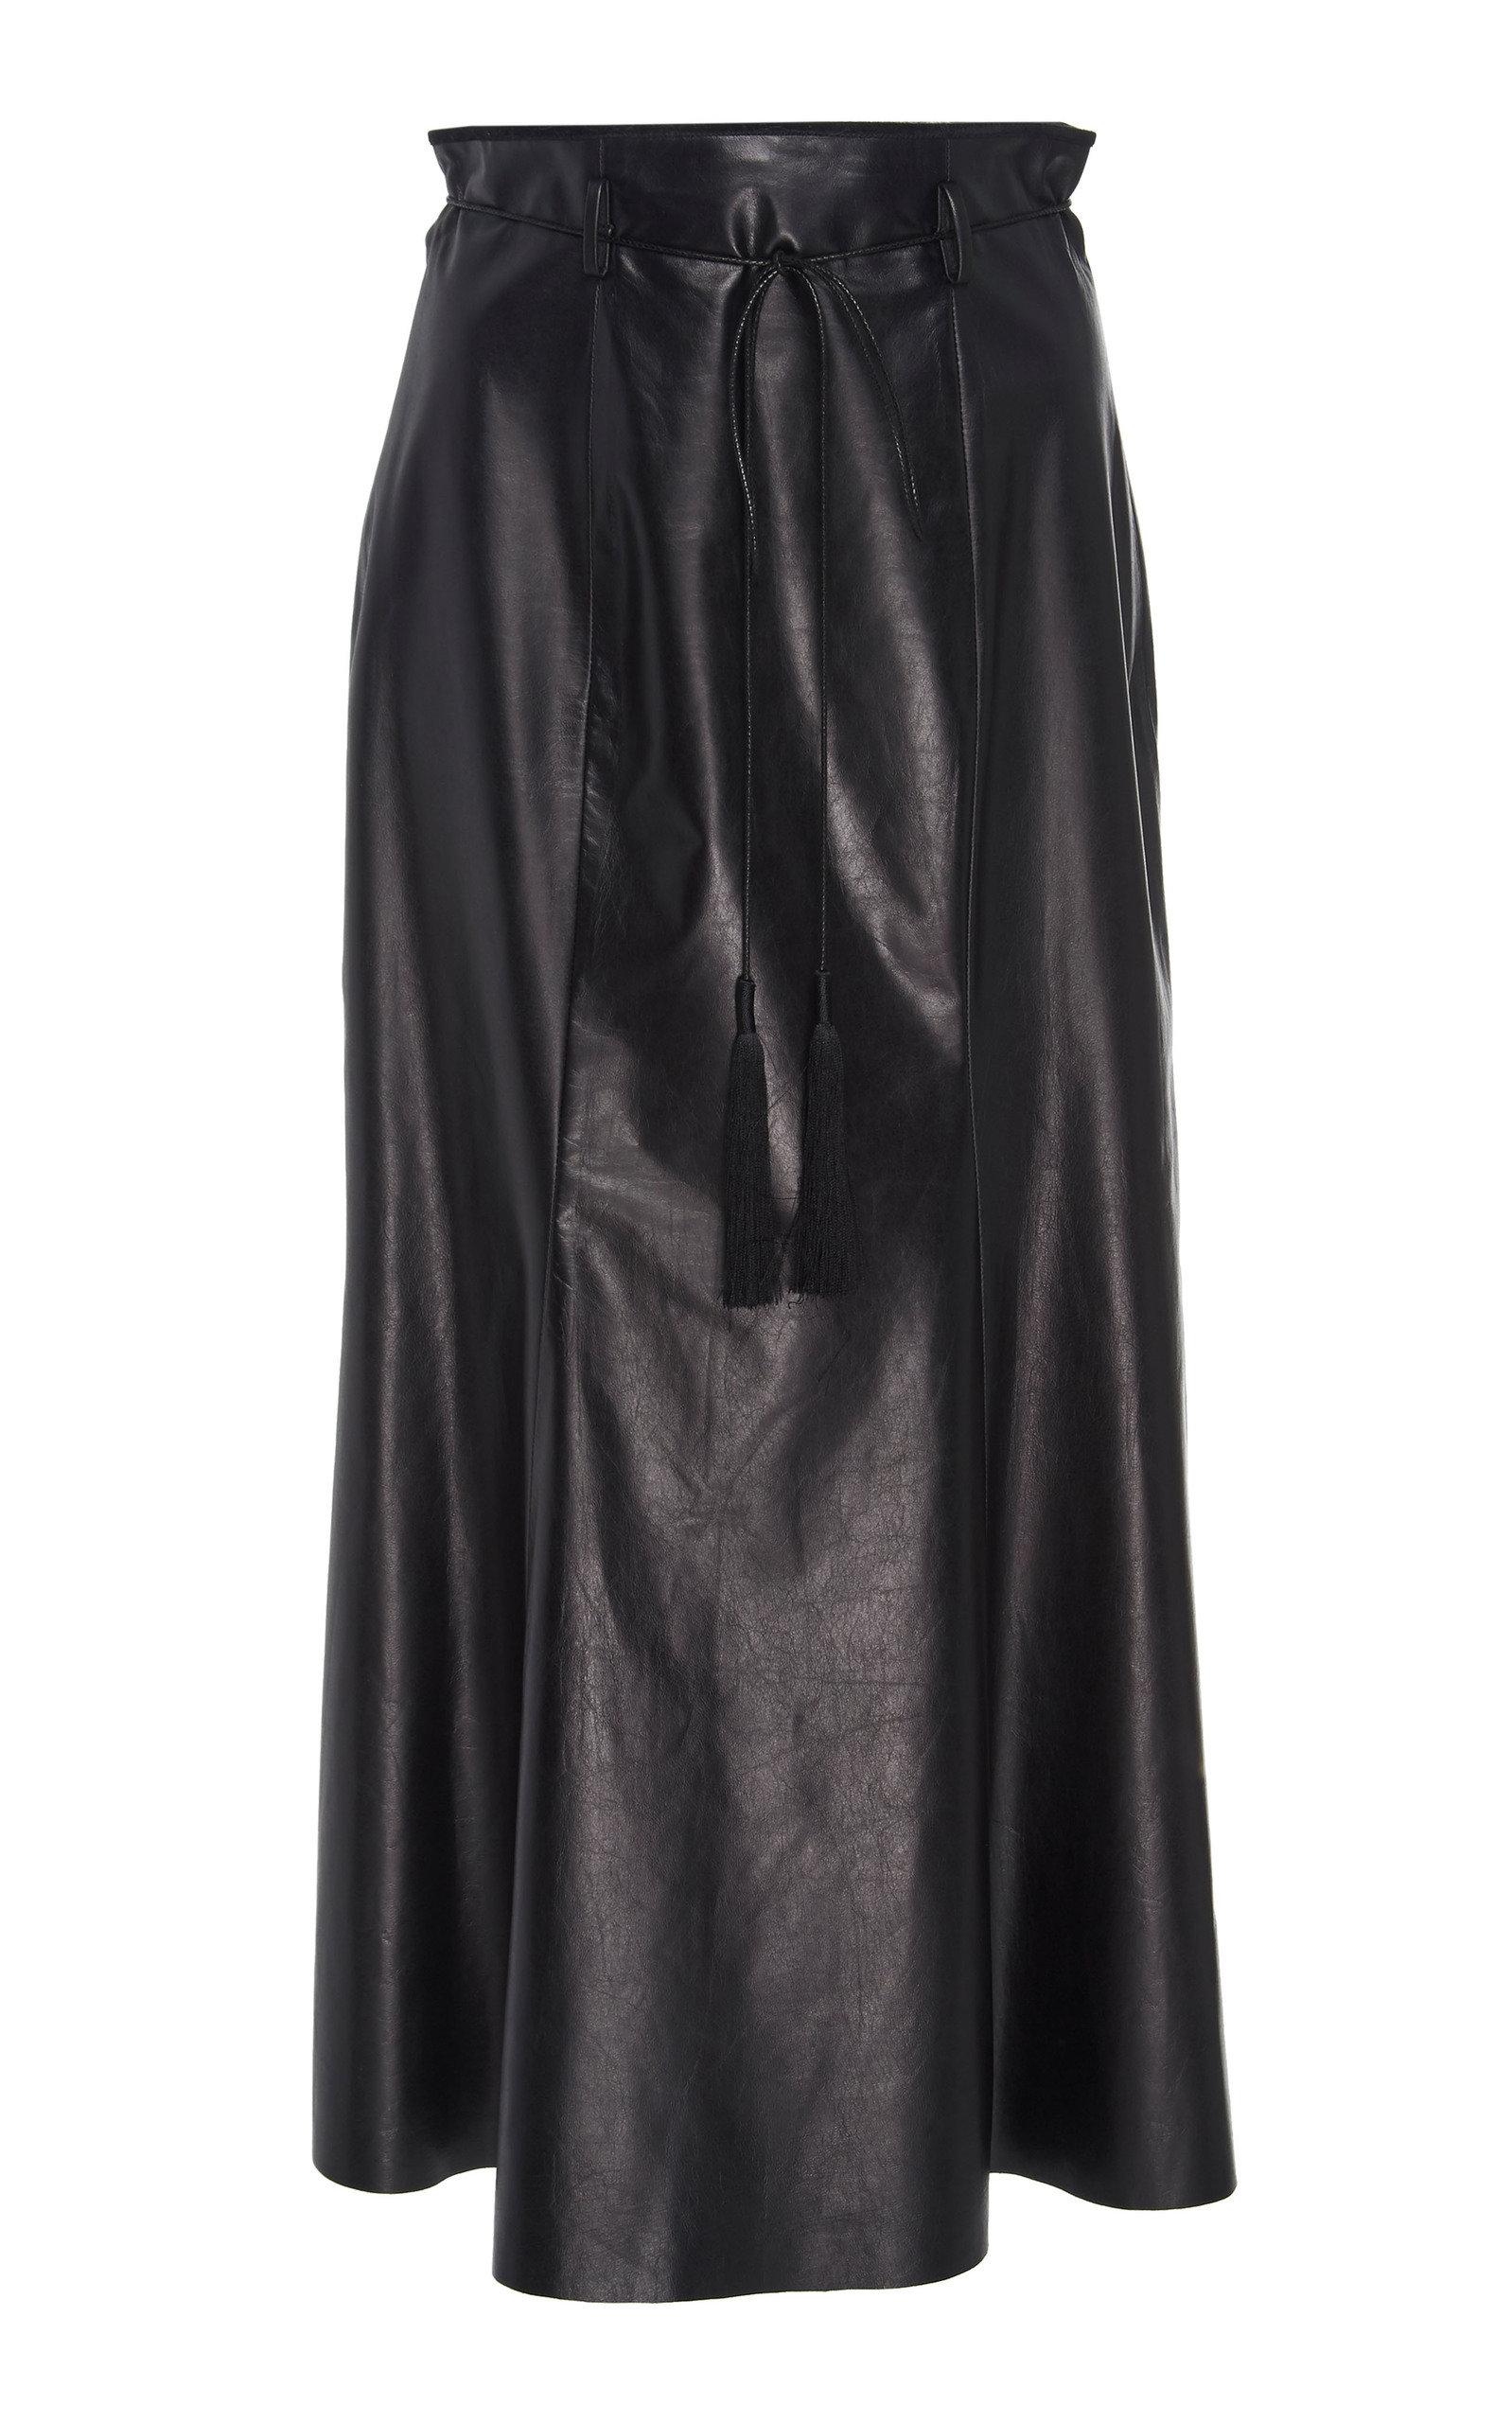 631f9a236 Black Leather High Waisted A Line Skirt   Saddha